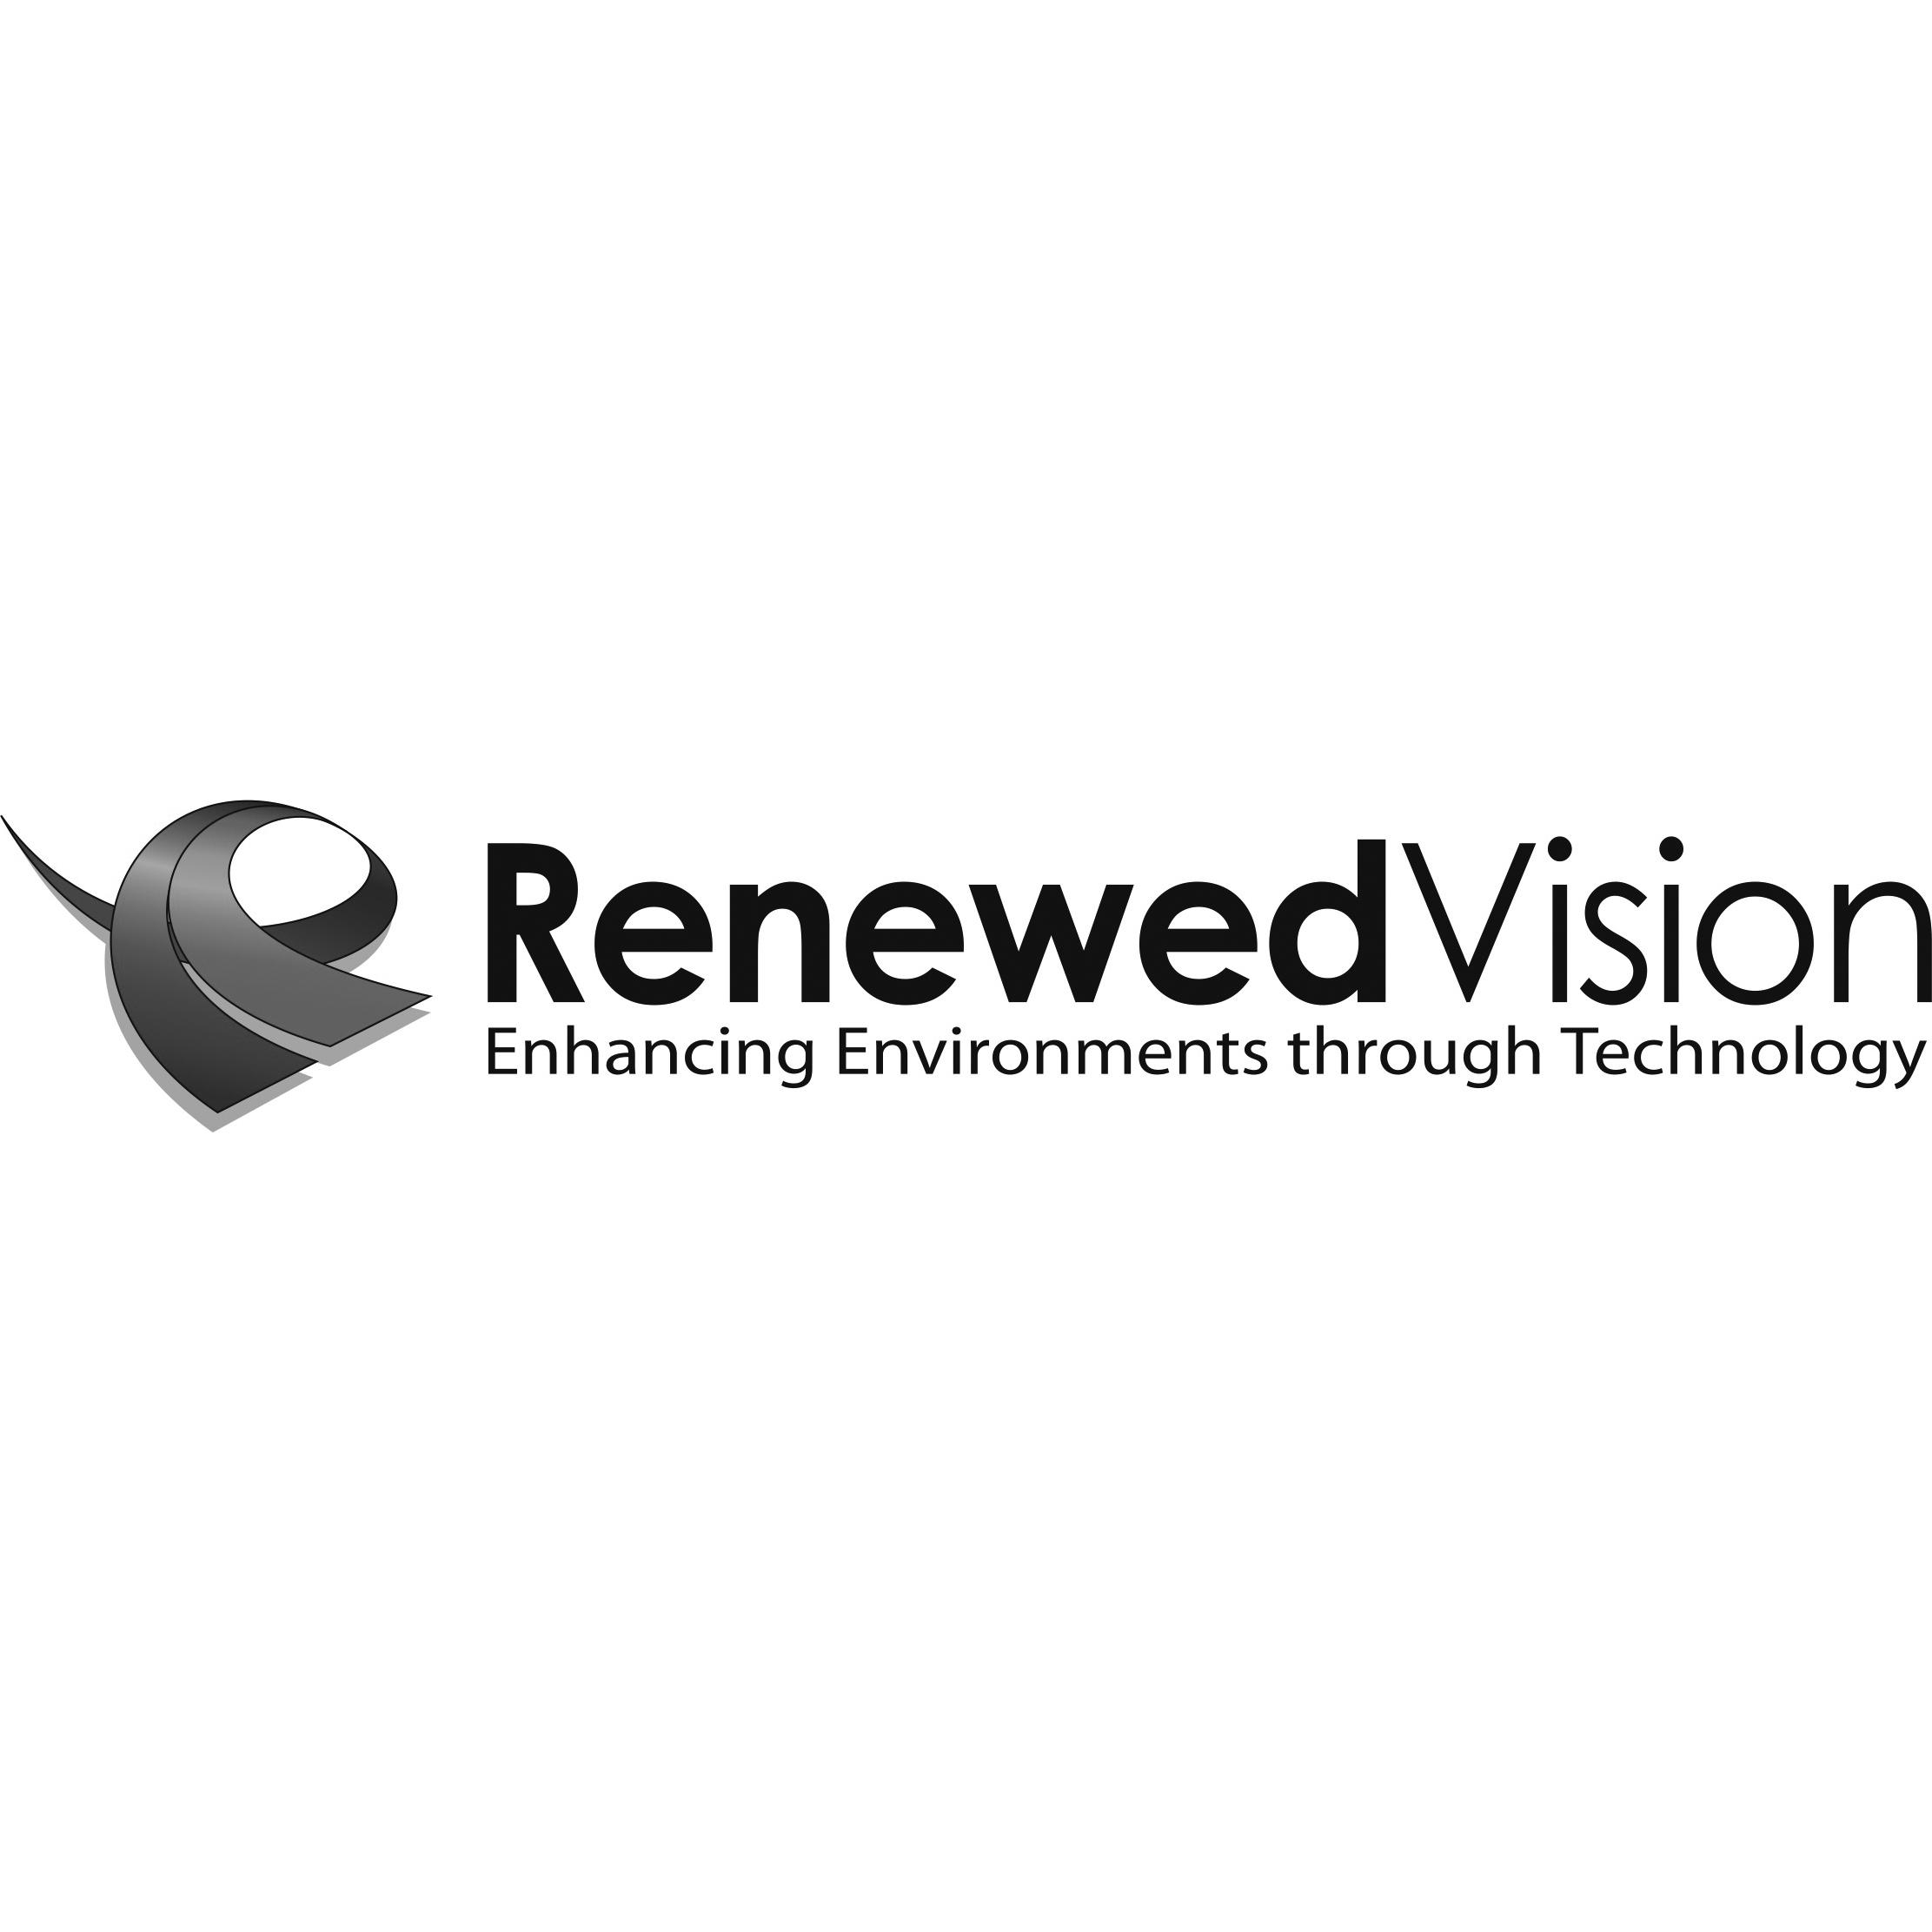 Renewed Vision.jpg